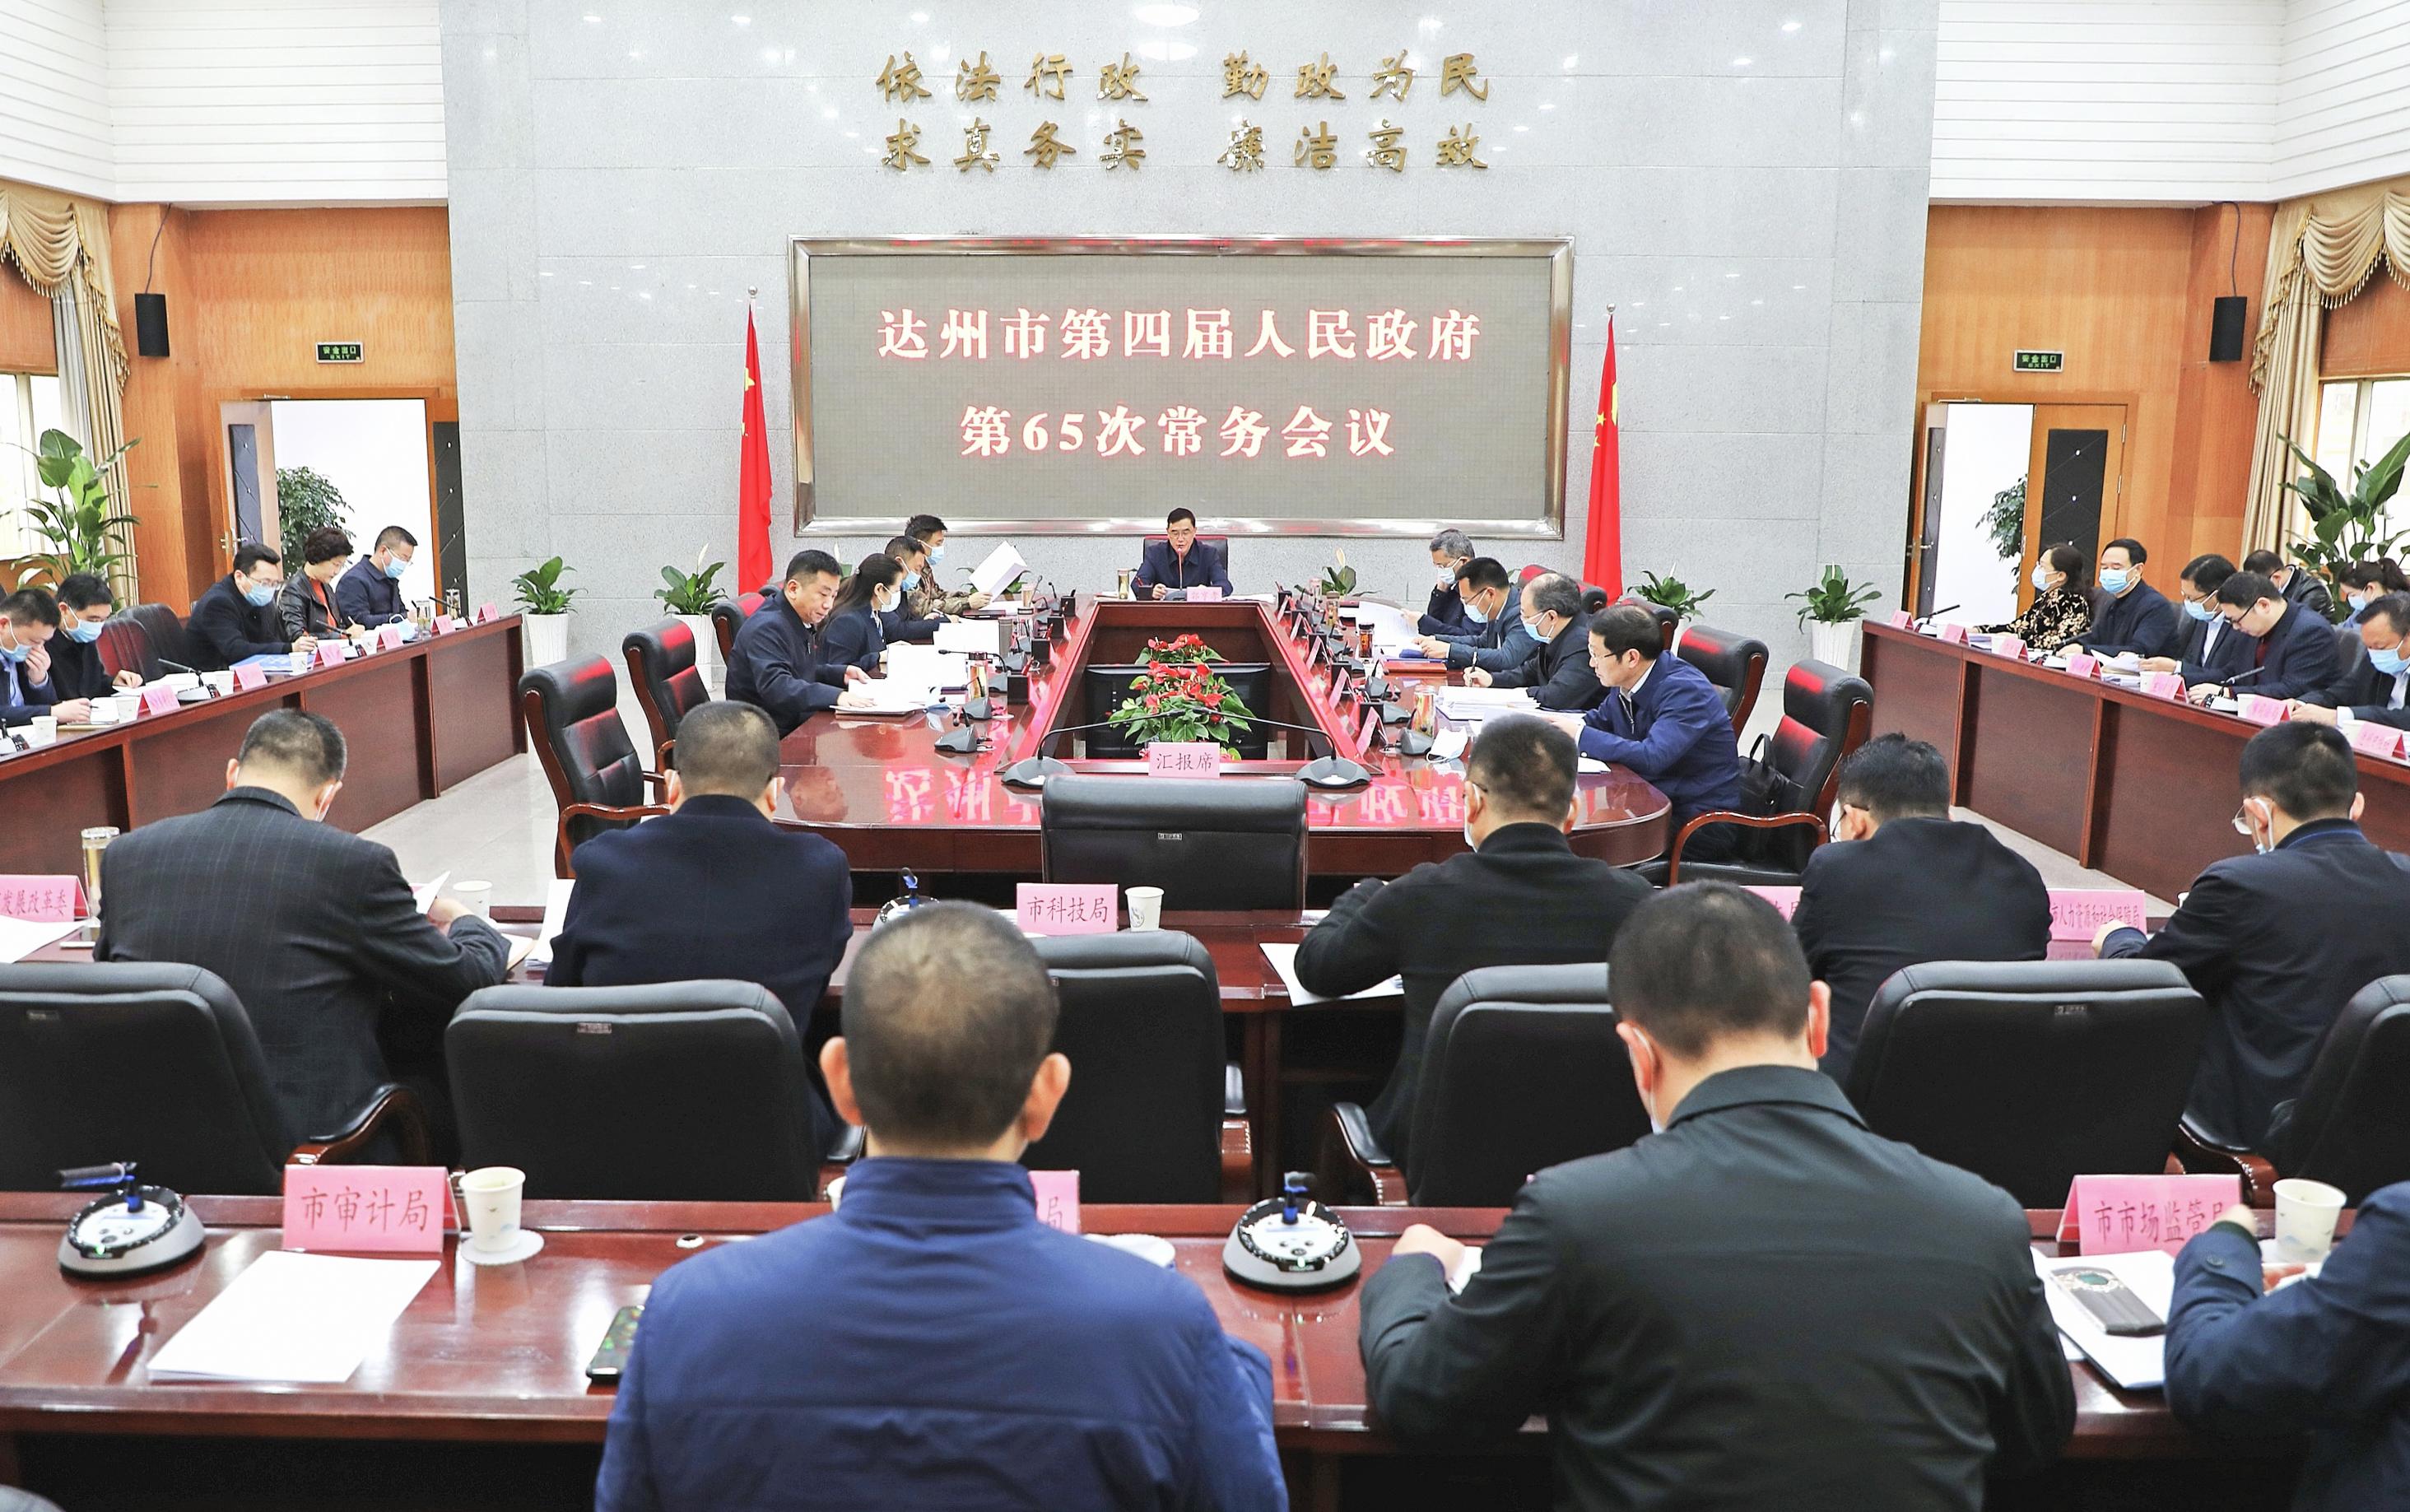 郭亨孝(xiao)主持召開常務會,研究審議了秦巴金融中心發展規(gui)劃等議題